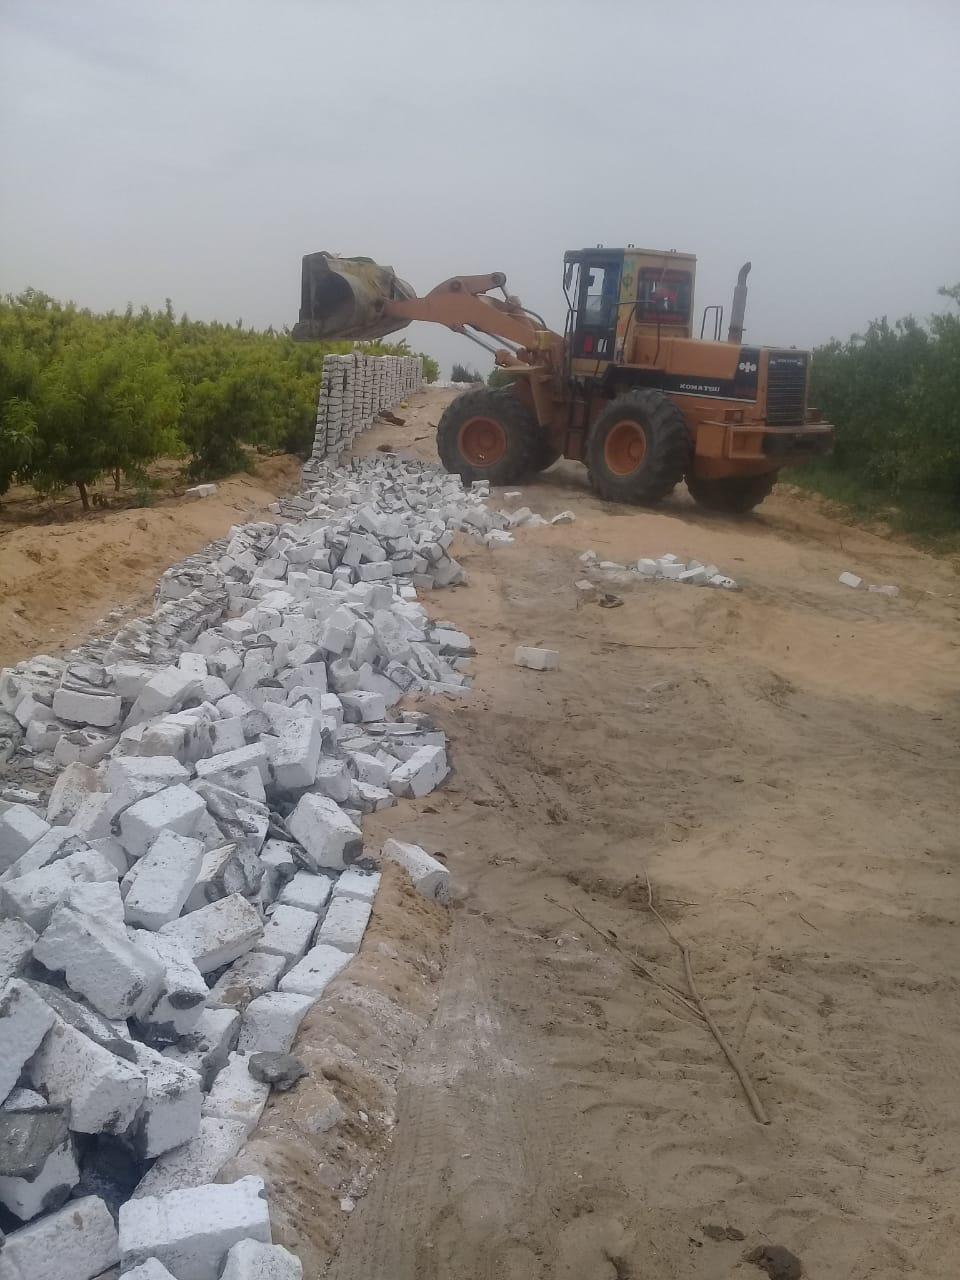 إزالة 17 حالة تعدى على أراضي زراعية وأملاك دولة